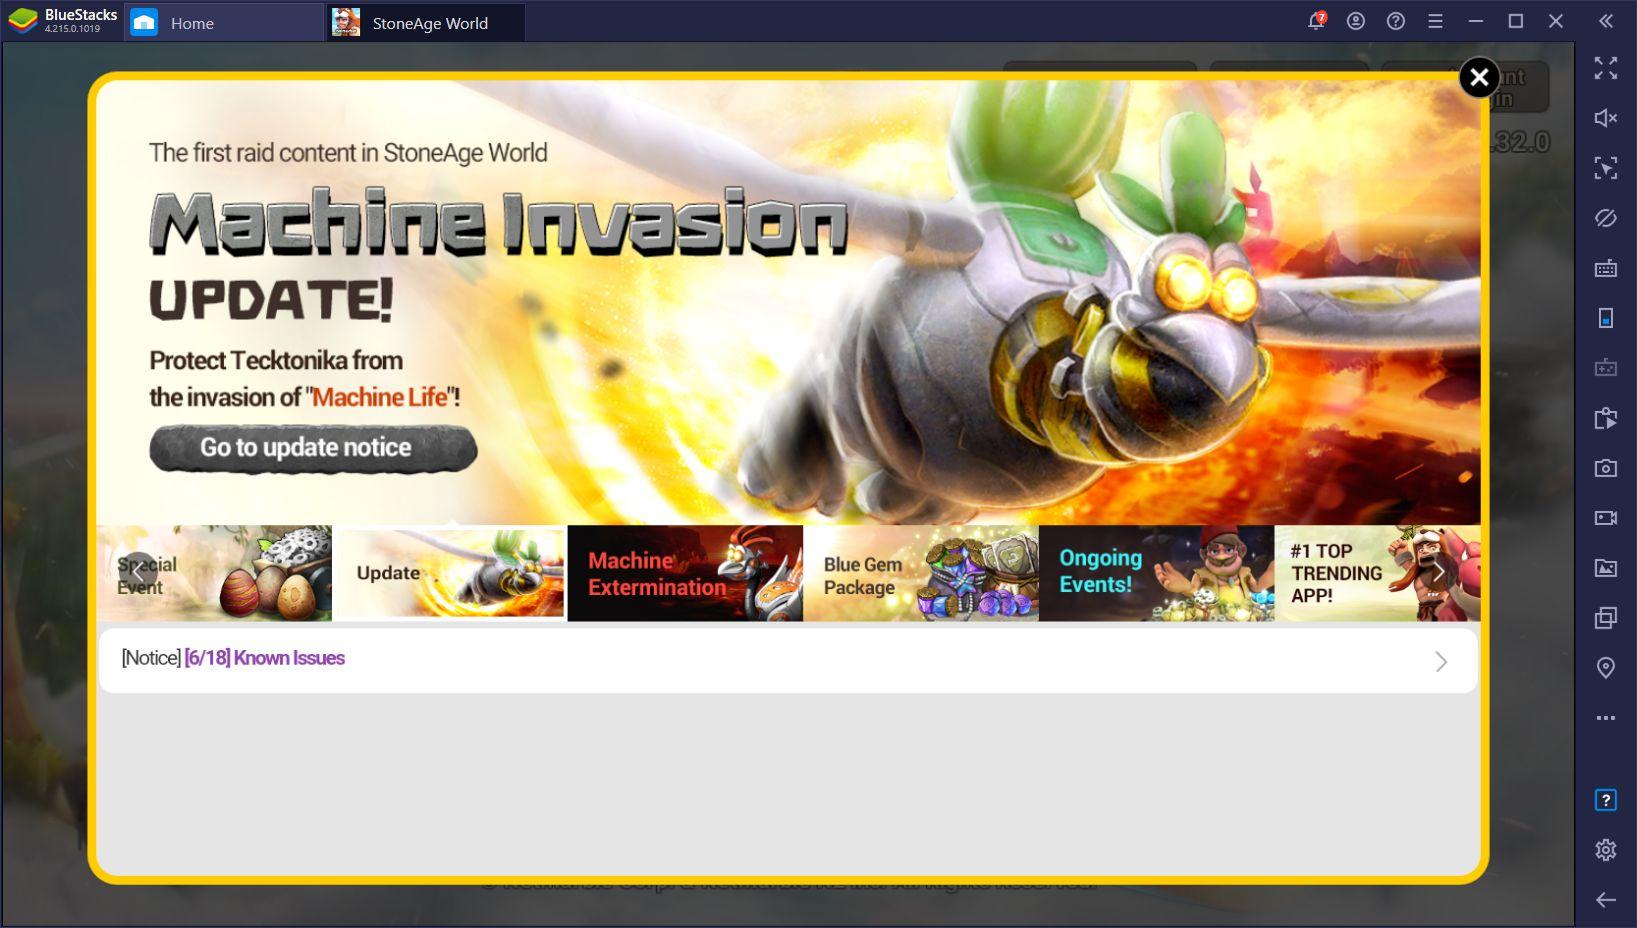 Actualización de Machine Invasion de StoneAge World Trae Nuevas Mascotas y Eventos al Popular MMORPG